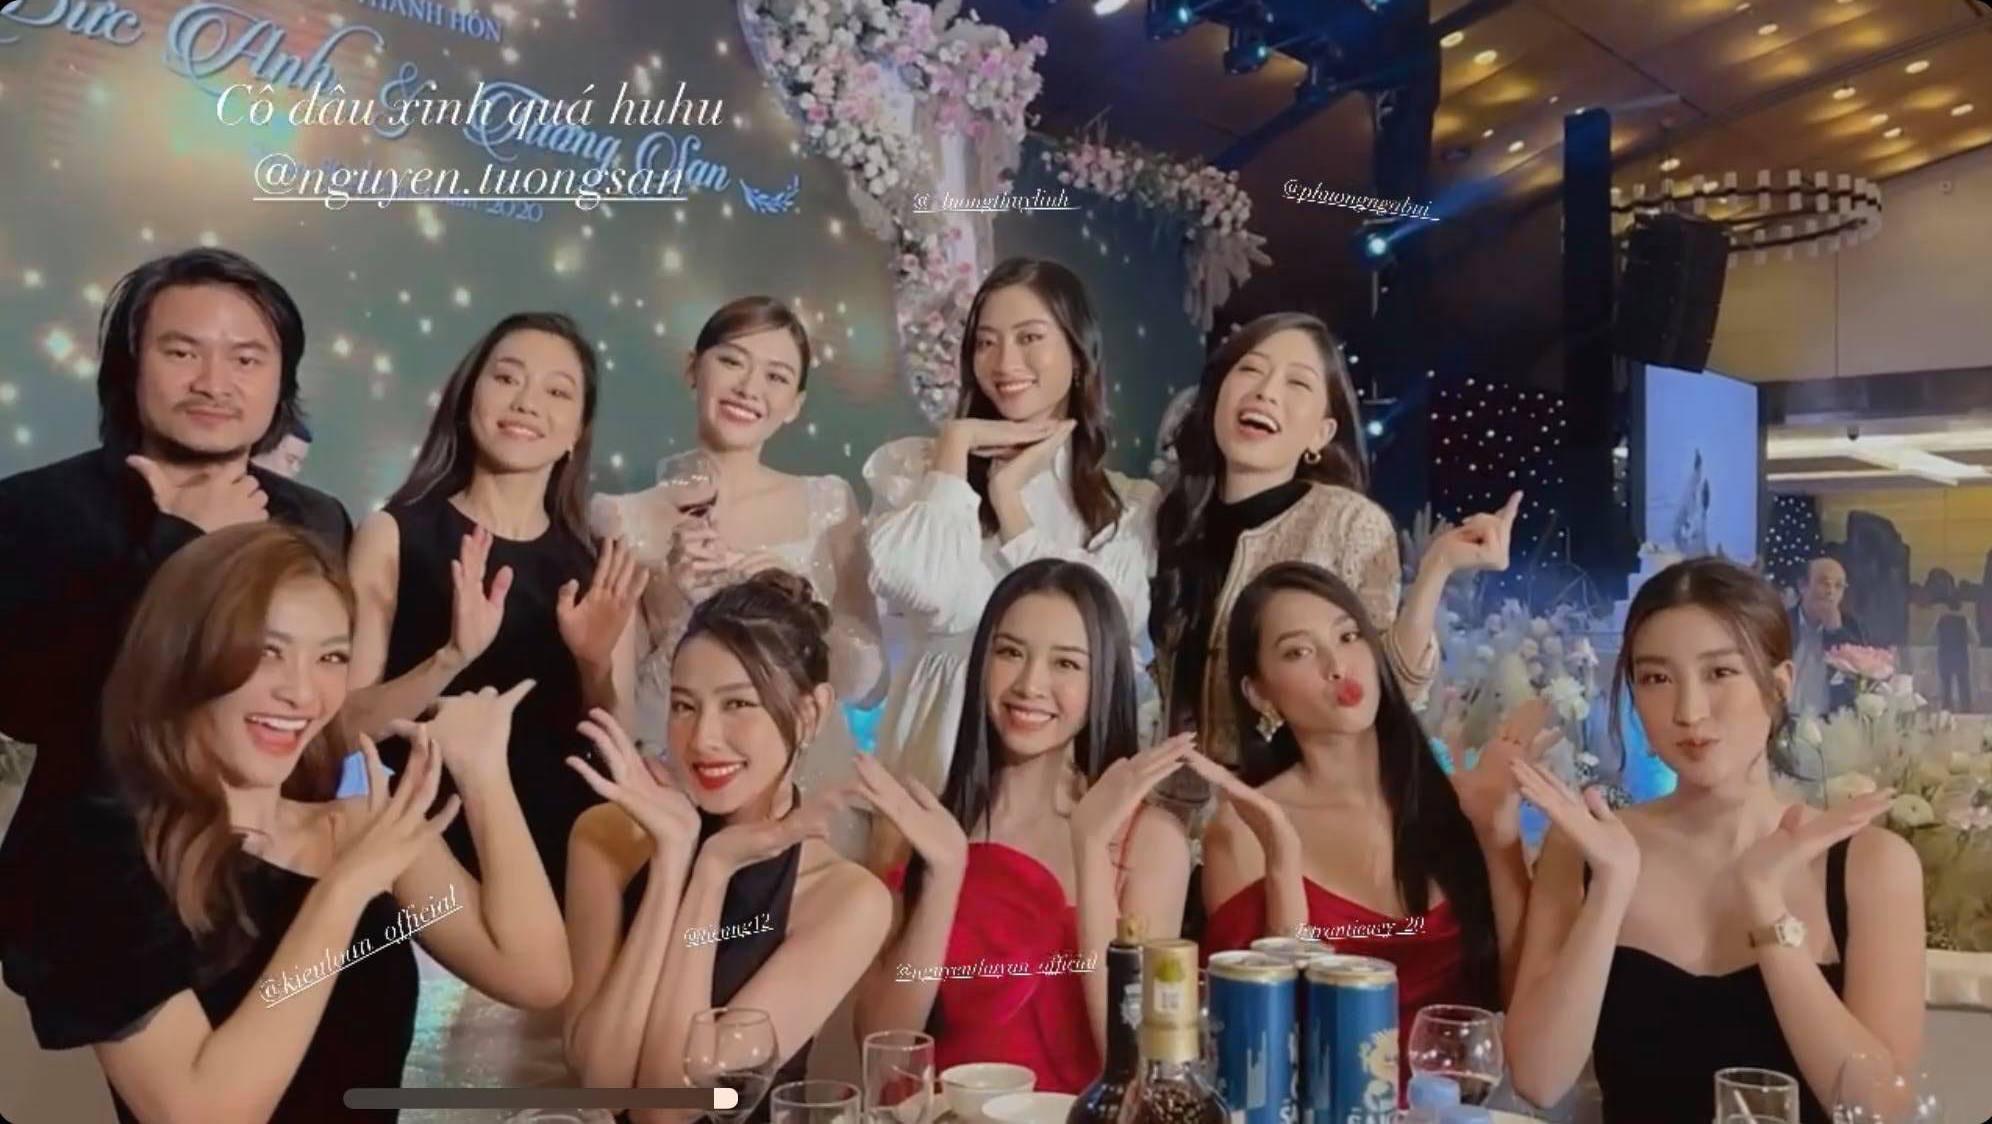 """Khi bạn là cô dâu, nhưng khách mời toàn Hoa hậu, thì không tránh được khoảnh khắc """"lọt thỏm"""" trong dàn mỹ nhân váy áo gợi cảm - Ảnh 2."""